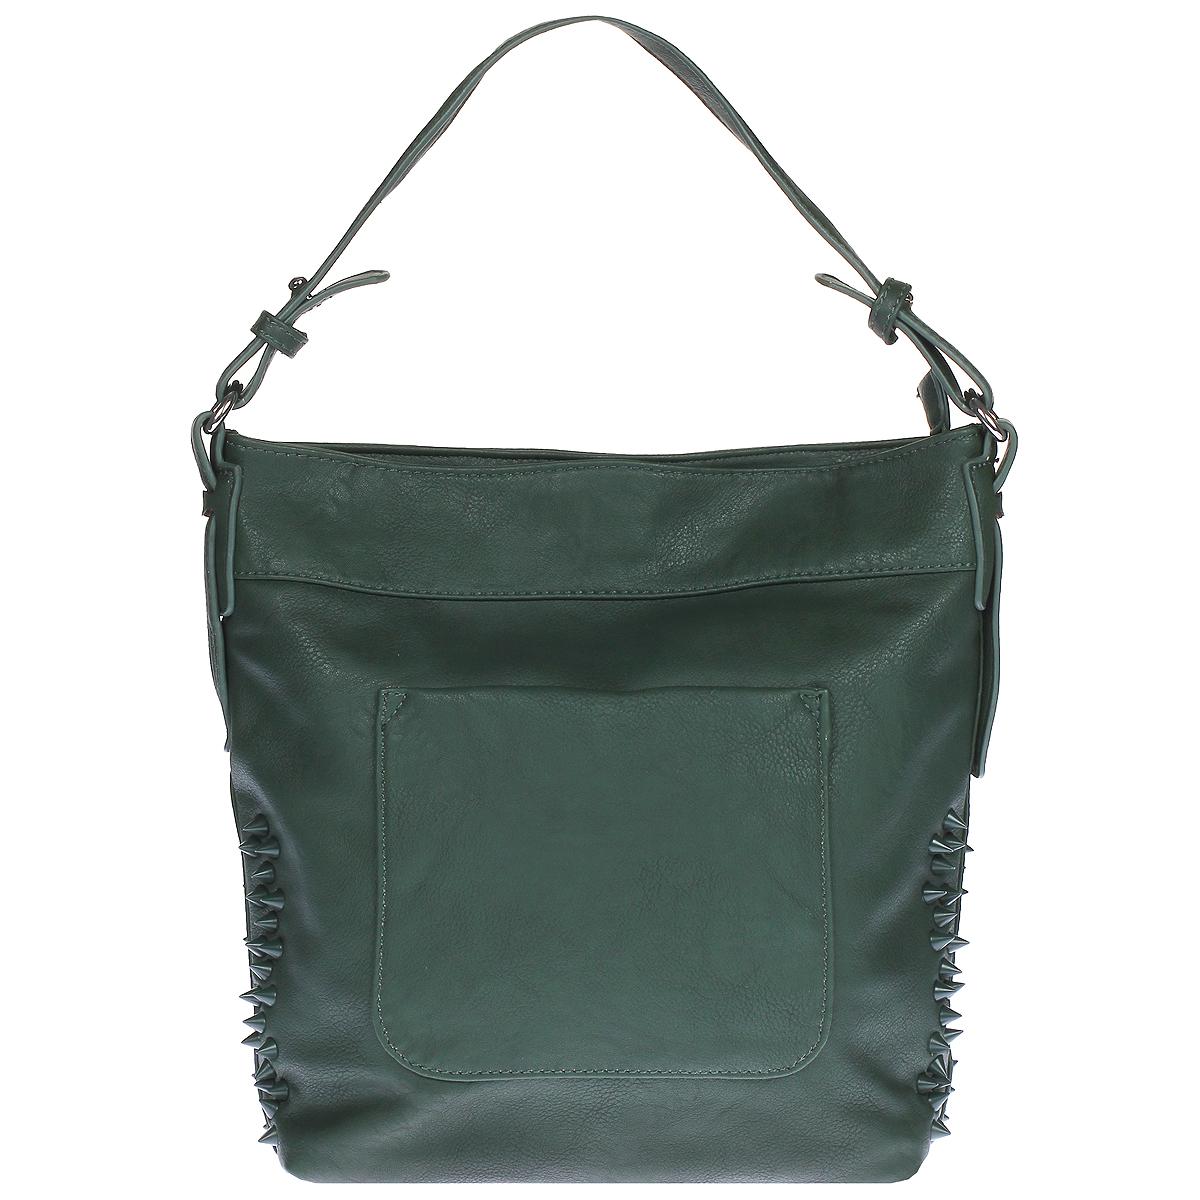 Сумка женская Orsa Oro, цвет: зеленый. D-757S76245Женская сумка Orsa Oro выполнена из искусственной кожи зеленого цвета.Сумка состоит из одного вместительного отделения, которое закрывается на застежку-молнию. Внутри - вшитый карман на молнии и два накладных кармана, один из которых предназначен для телефона, другой - для прочих мелочей. По бокам сумка декорирована пластиковыми шипами. На задней стороне сумки также расположен вшитый карман на молнии. На лицевой стороне сумки имеется дополнительный карман закрывающийся на магнитную кнопку. Сумка оснащена удобной ручкой и съемным регулирующим длину плечевым ремнем.К сумке прилагается чехол для хранения.Сумка - это стильный аксессуар, который подчеркнет вашу изысканность и индивидуальность и сделает ваш образ завершенным. Характеристики:Материал: искусственная кожа, текстиль, металл. Размер сумки: 30 см х 30 см х 8 см. Высота ручек: 15 см. Длина плечевого ремня: 80 см. Цвет: зеленый. Производитель: Россия. Артикул: D-757.